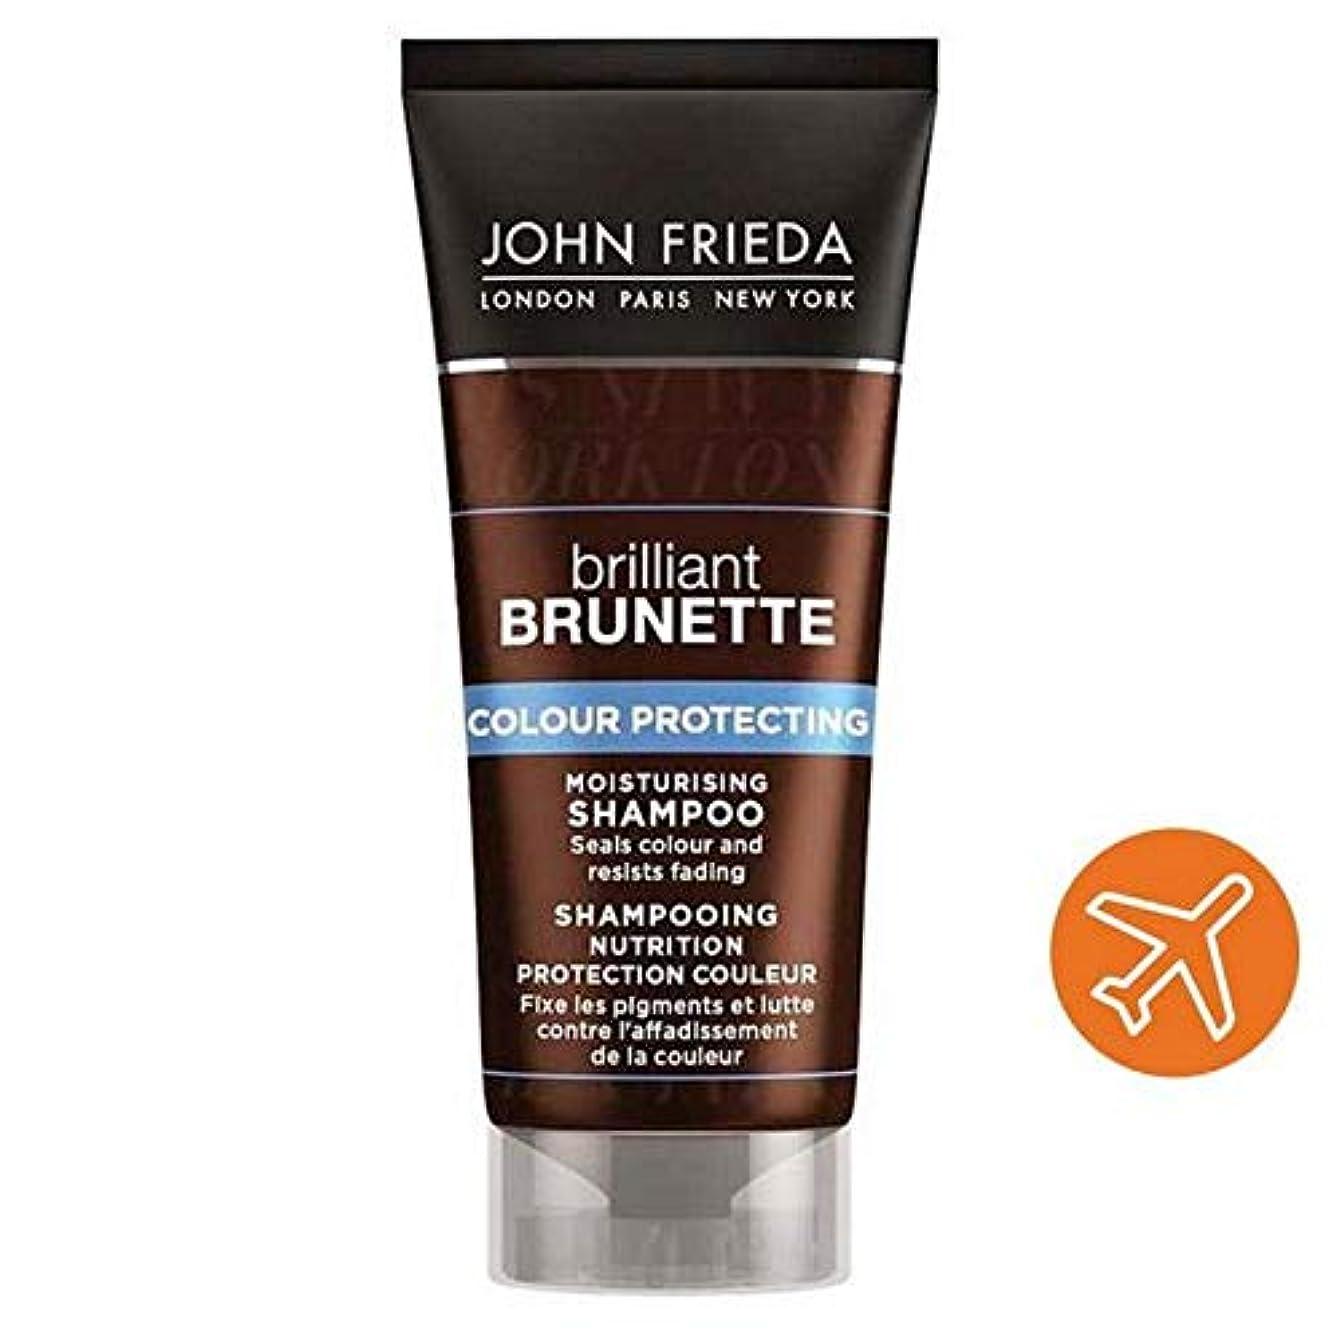 無臭敬迫害[John Frieda ] シャンプー50ミリリットルを明らかにジョン?フリーダ華麗なブルネットの豊富な輝きマルチトーン - John Frieda Brilliant Brunette Rich Radiance Multi-tone Revealing Shampoo 50ml [並行輸入品]